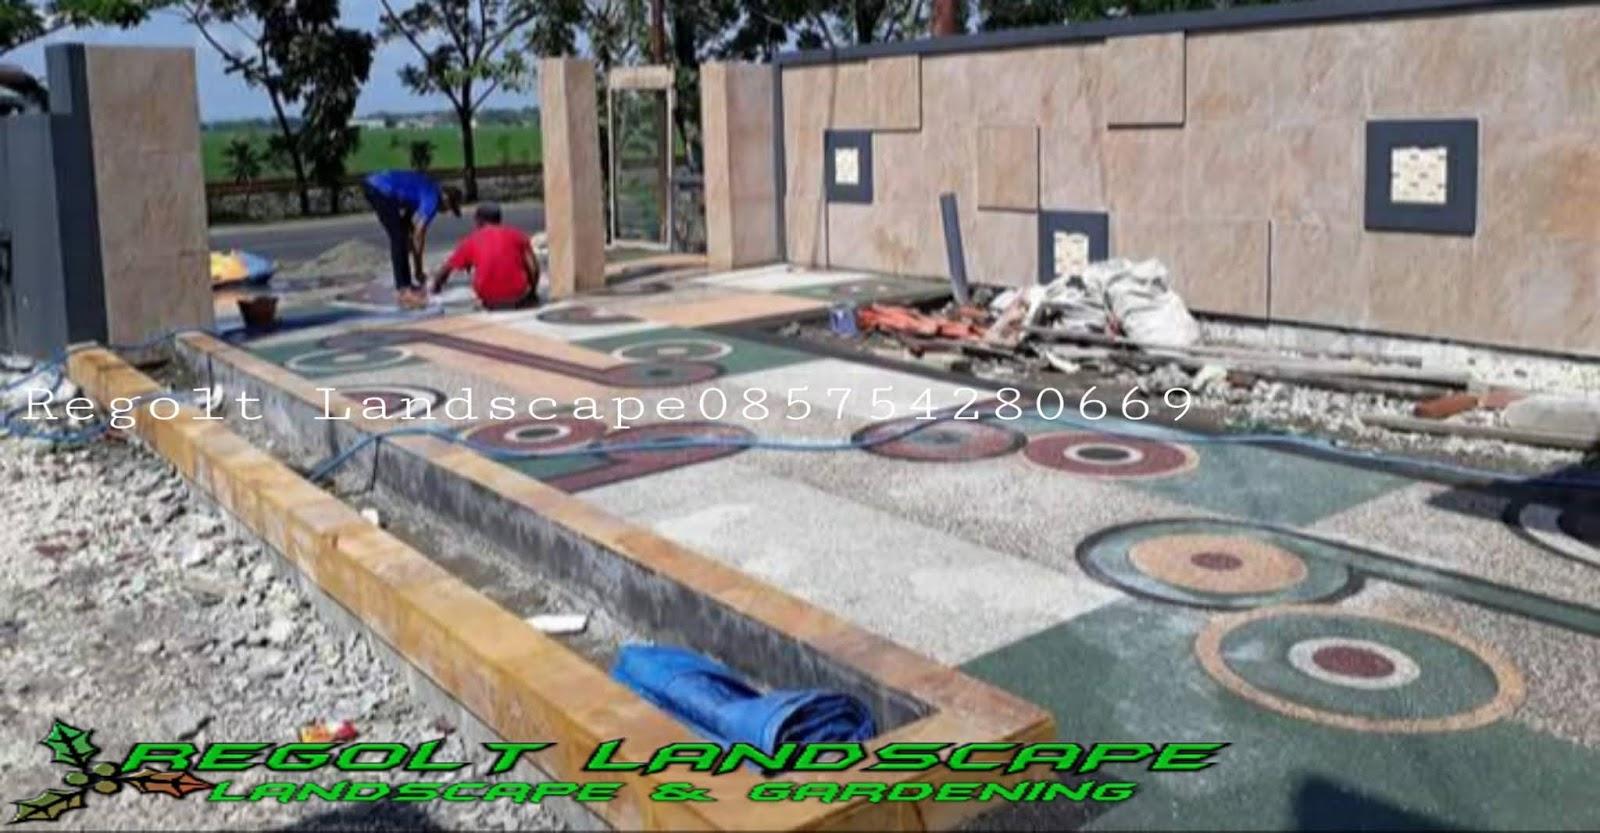 Jasa Pemasangan Batu Sikat Lantai Carport Di Bekasi